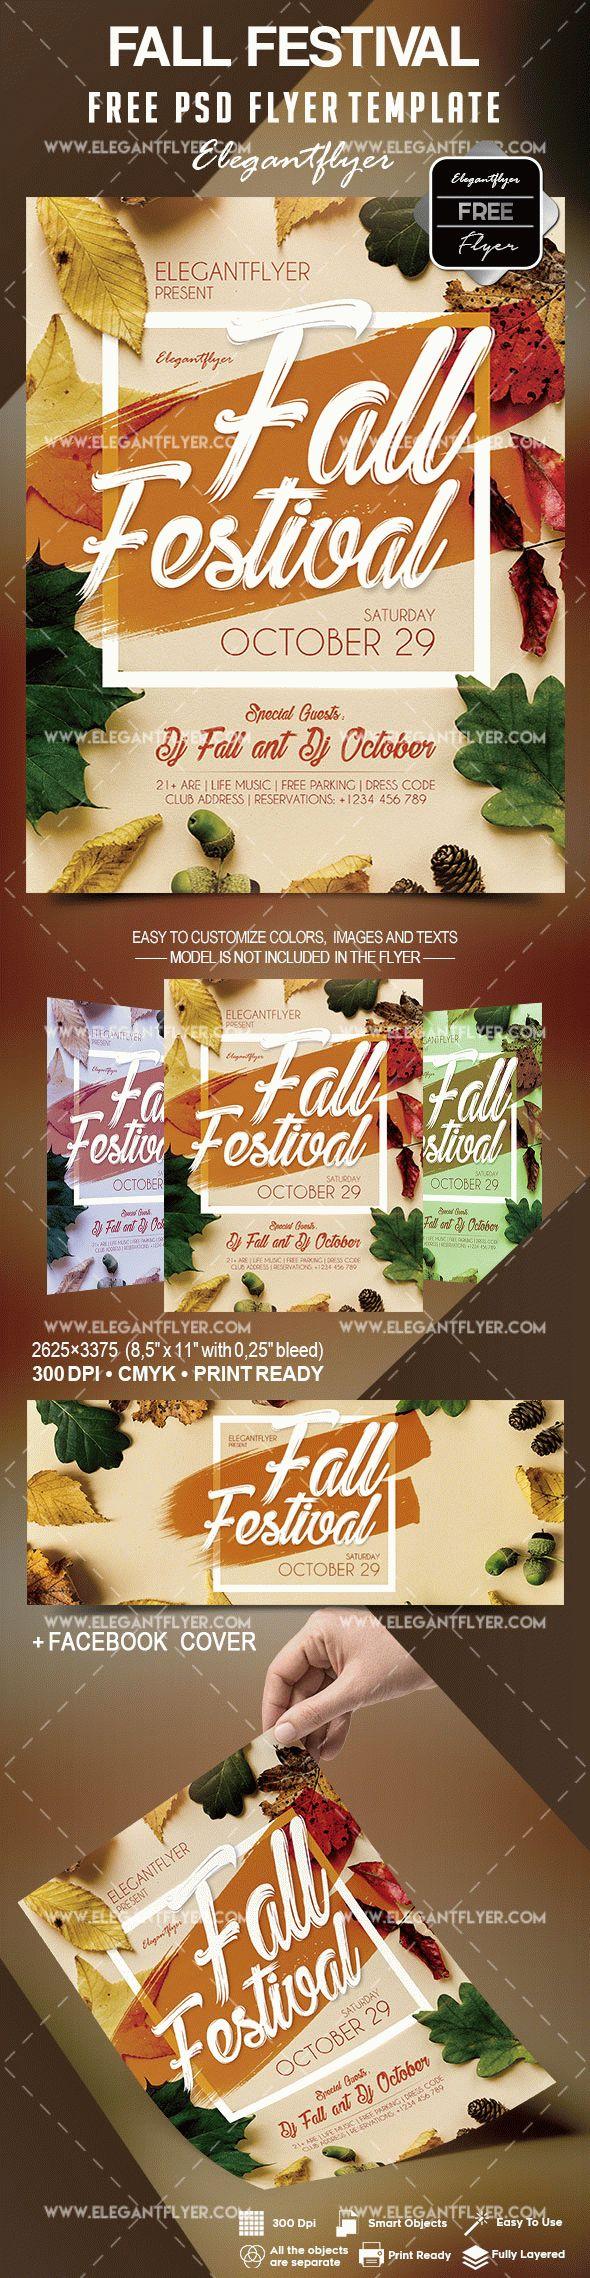 https://www.elegantflyer.com/free-flyers/free-fall-festival-flyer ...